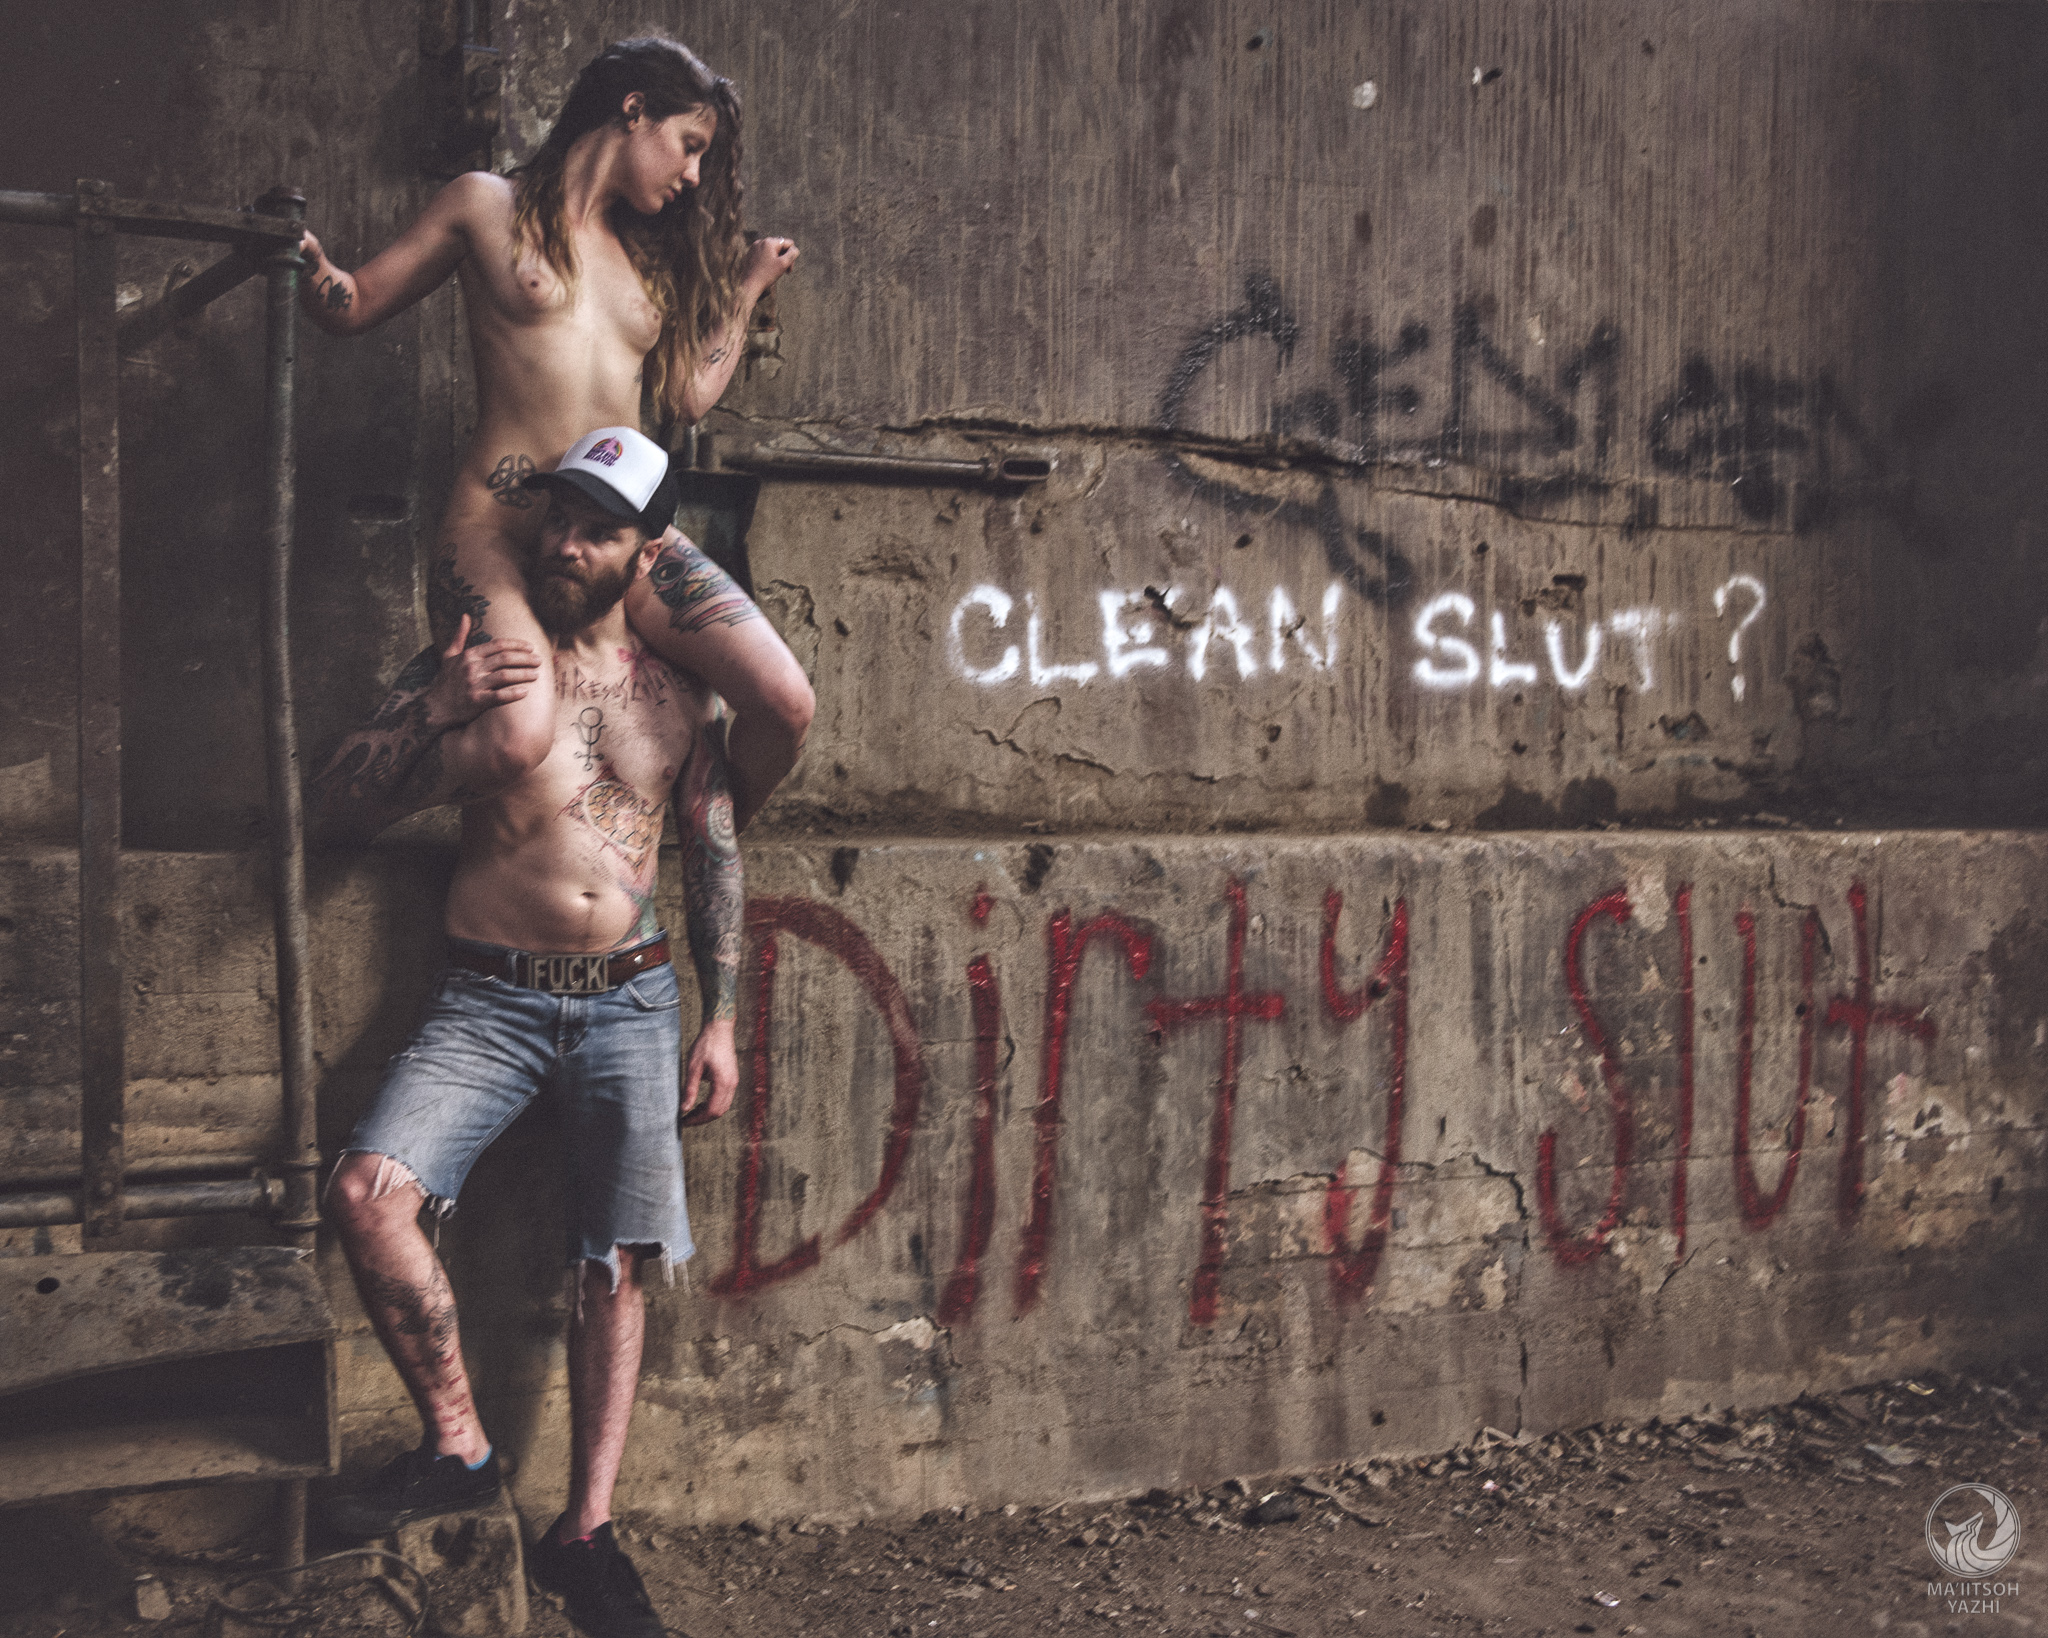 Clean Slut, Dirty Slut (Preview)